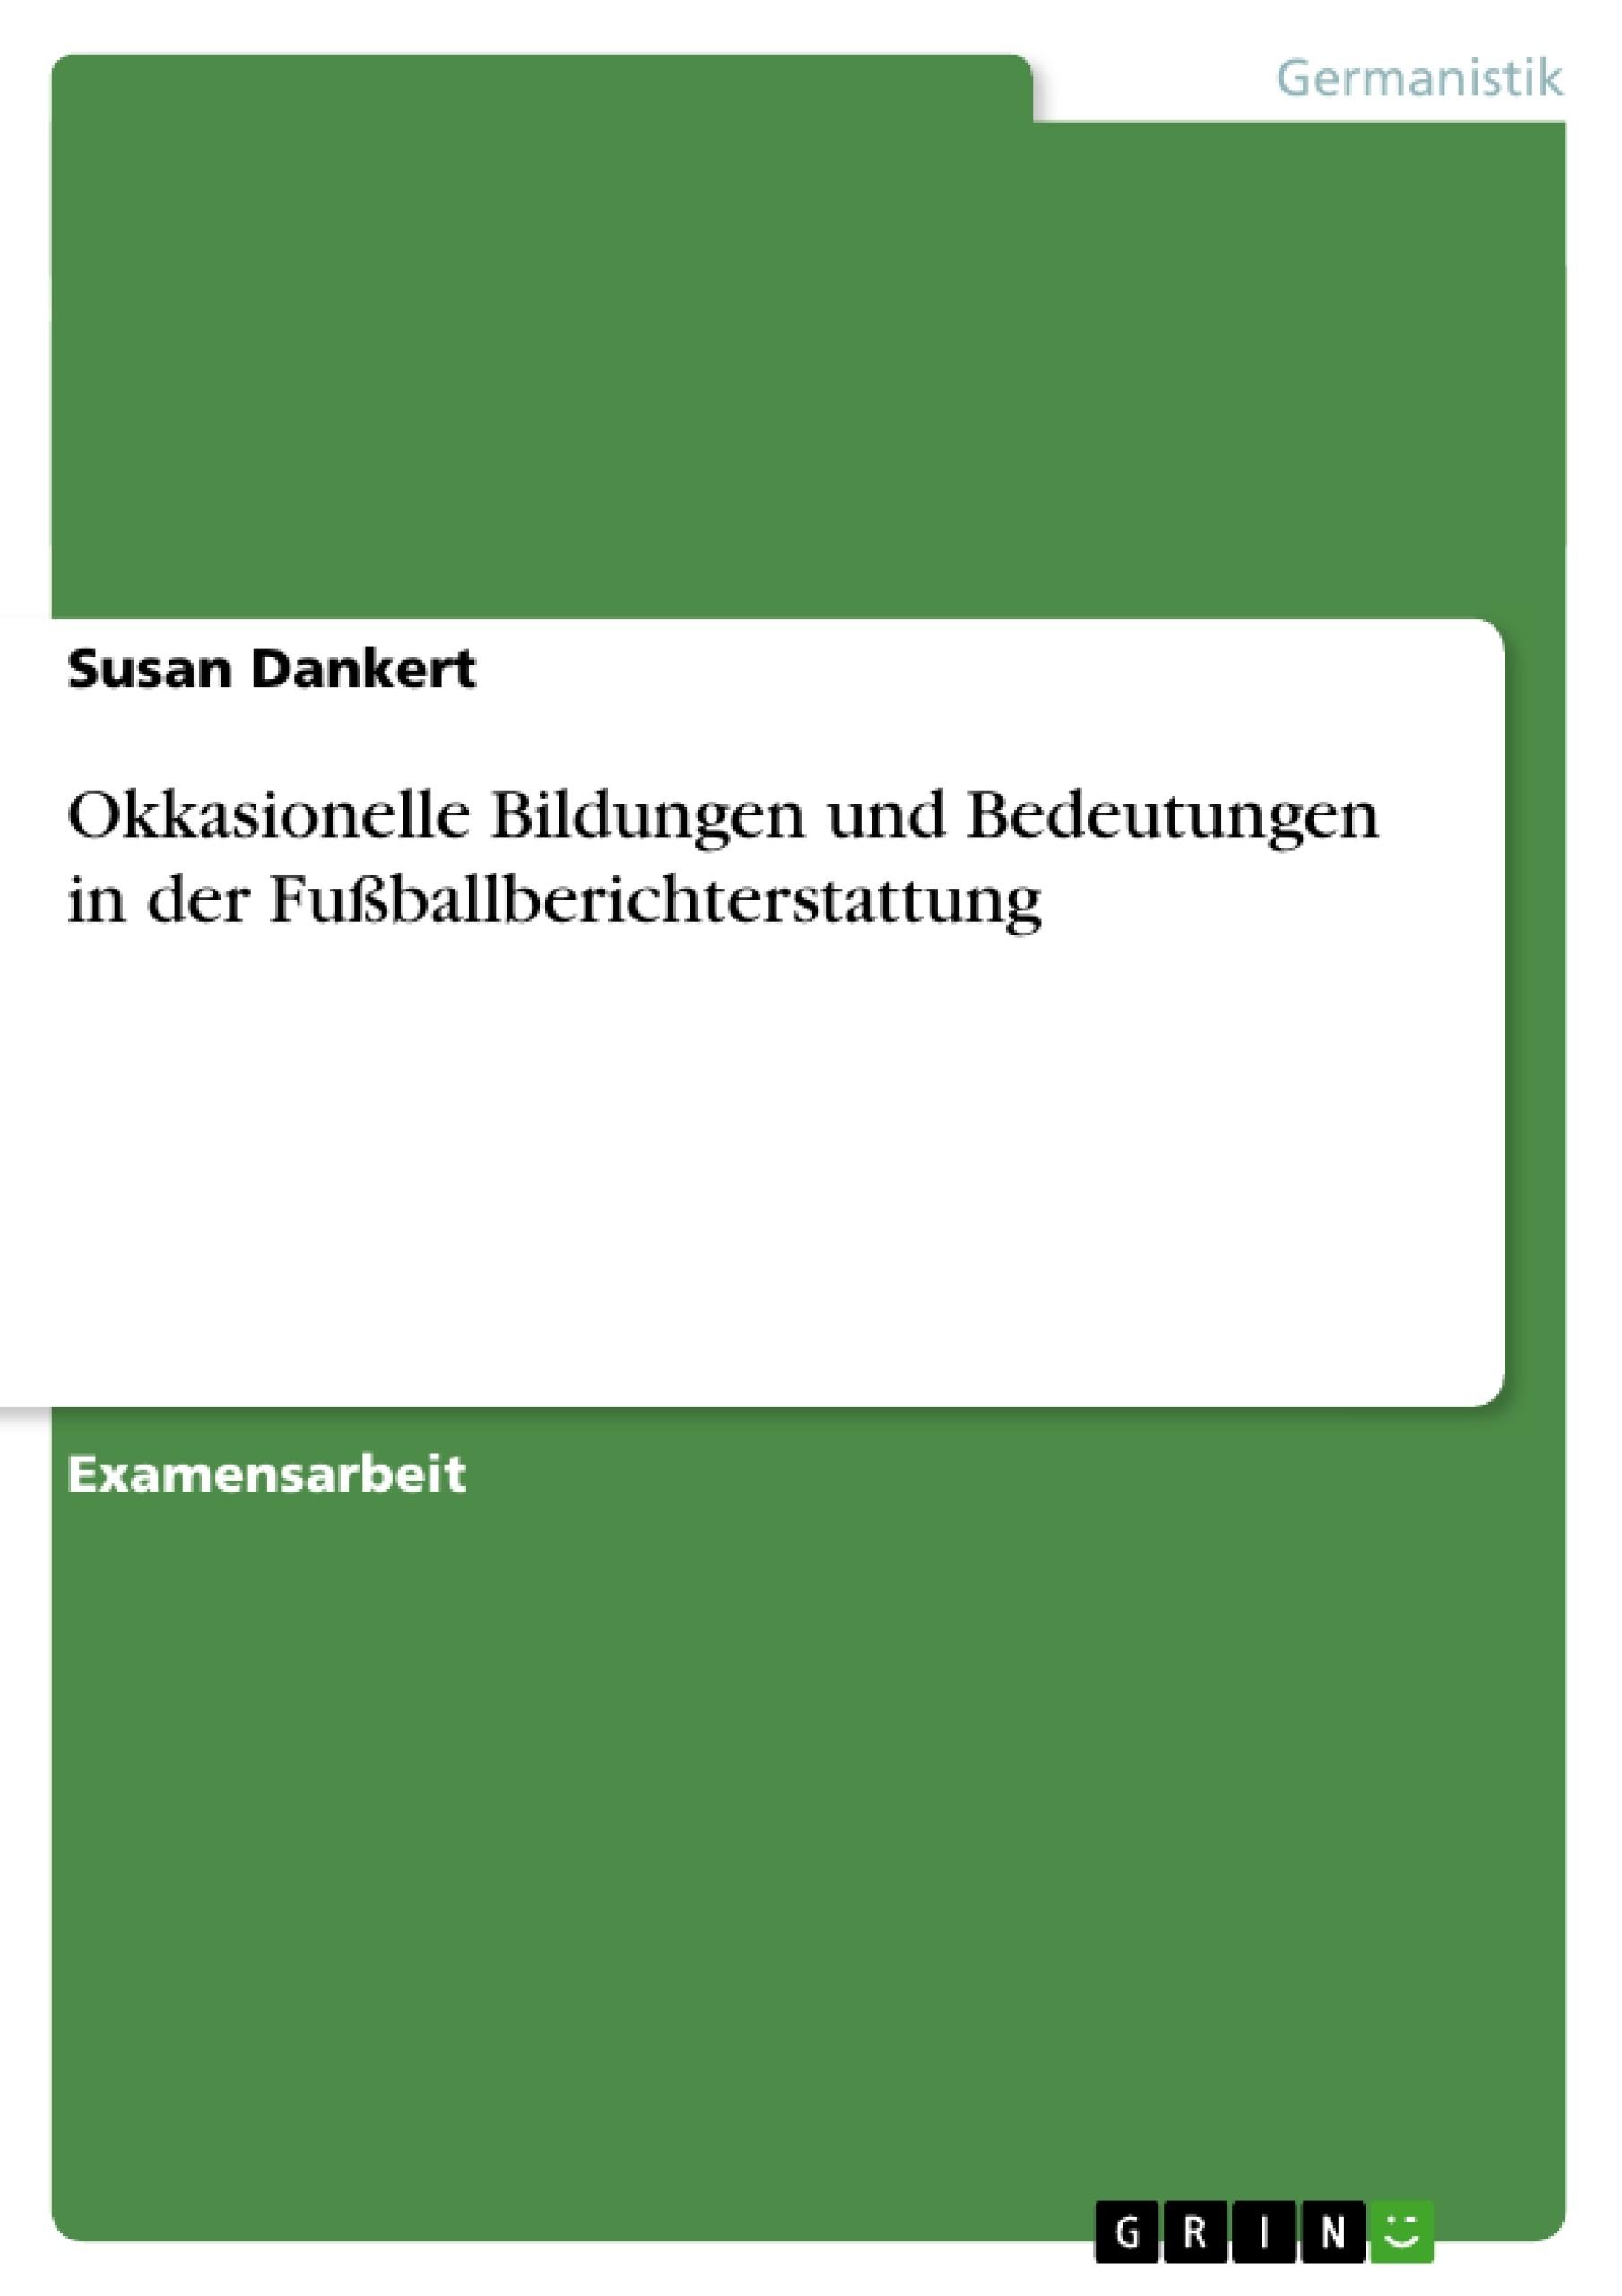 Titel: Okkasionelle Bildungen und Bedeutungen in der Fußballberichterstattung